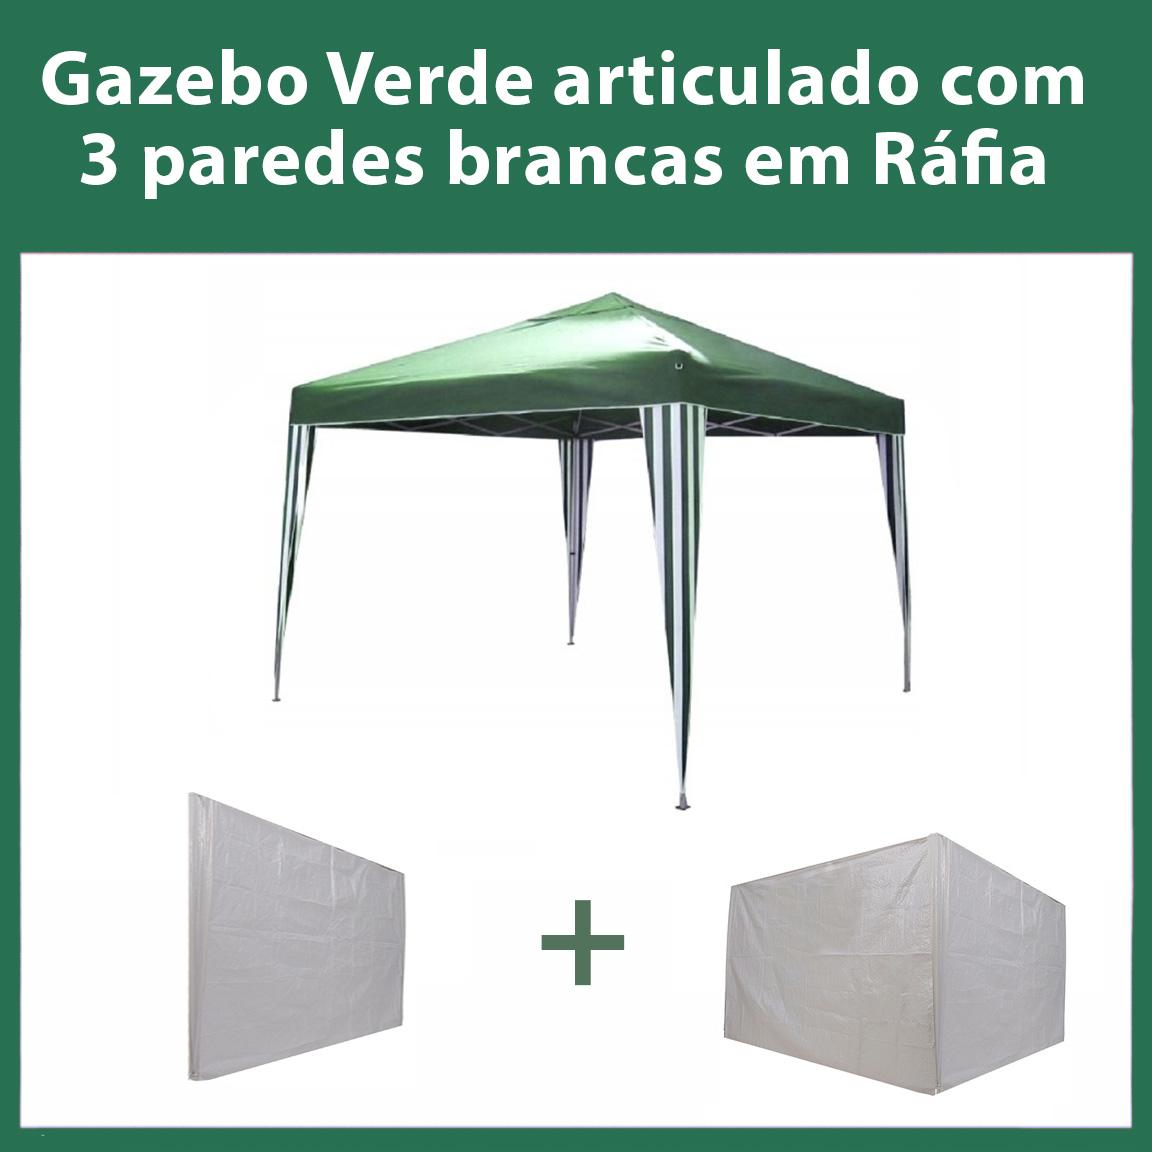 Gazebo 3x3 Articulado Verde em Aço + 3 Paredes Brancas de Ráfia Eleva Mundi